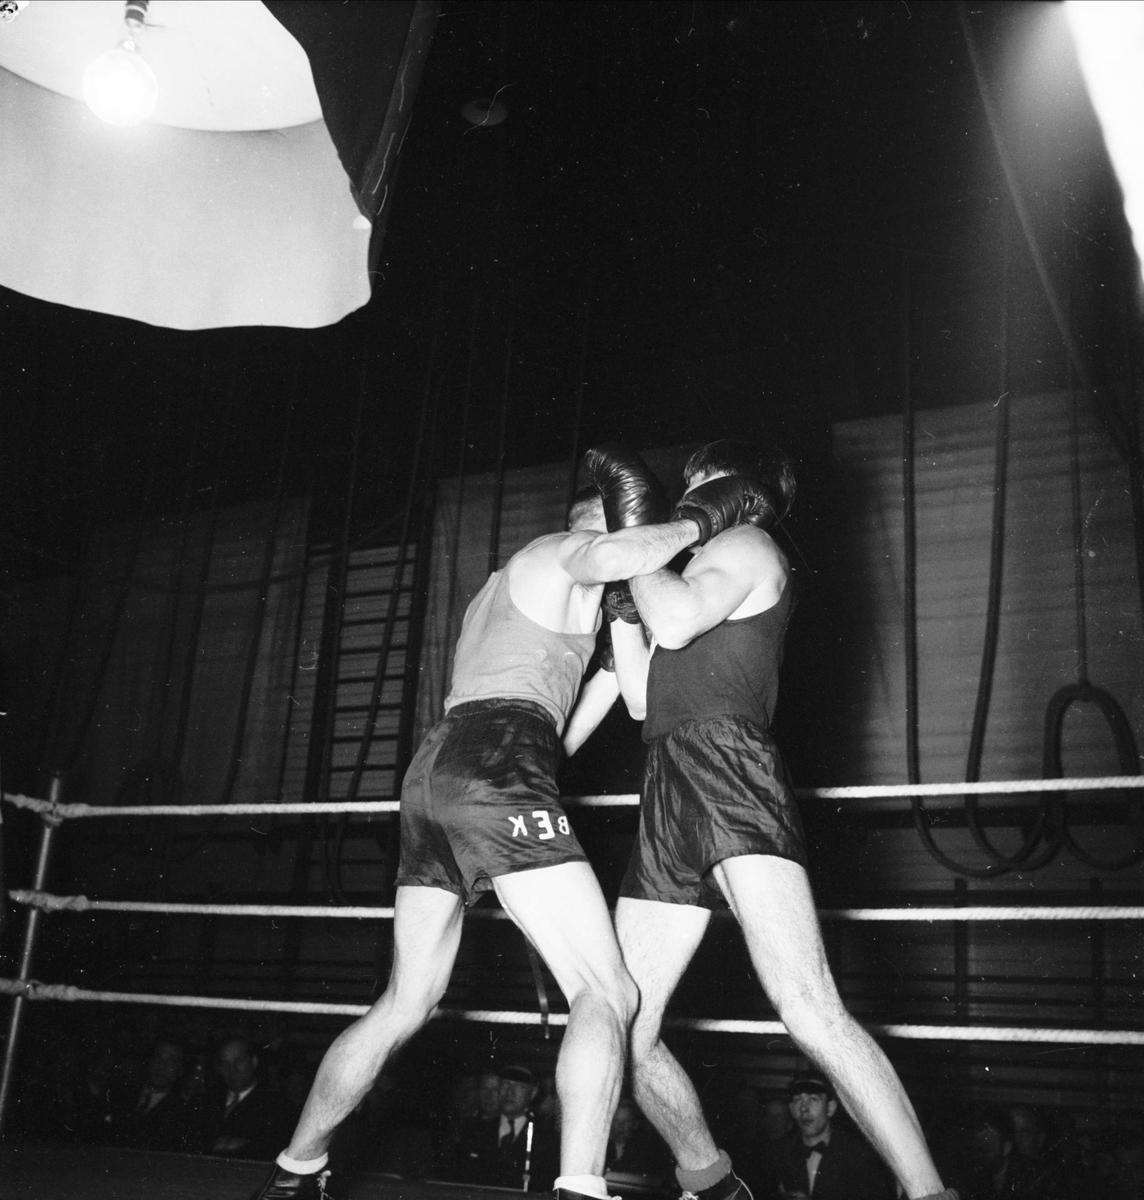 Boxningsmatch - Mellansvenska mästerskapen, Uppsala 1948